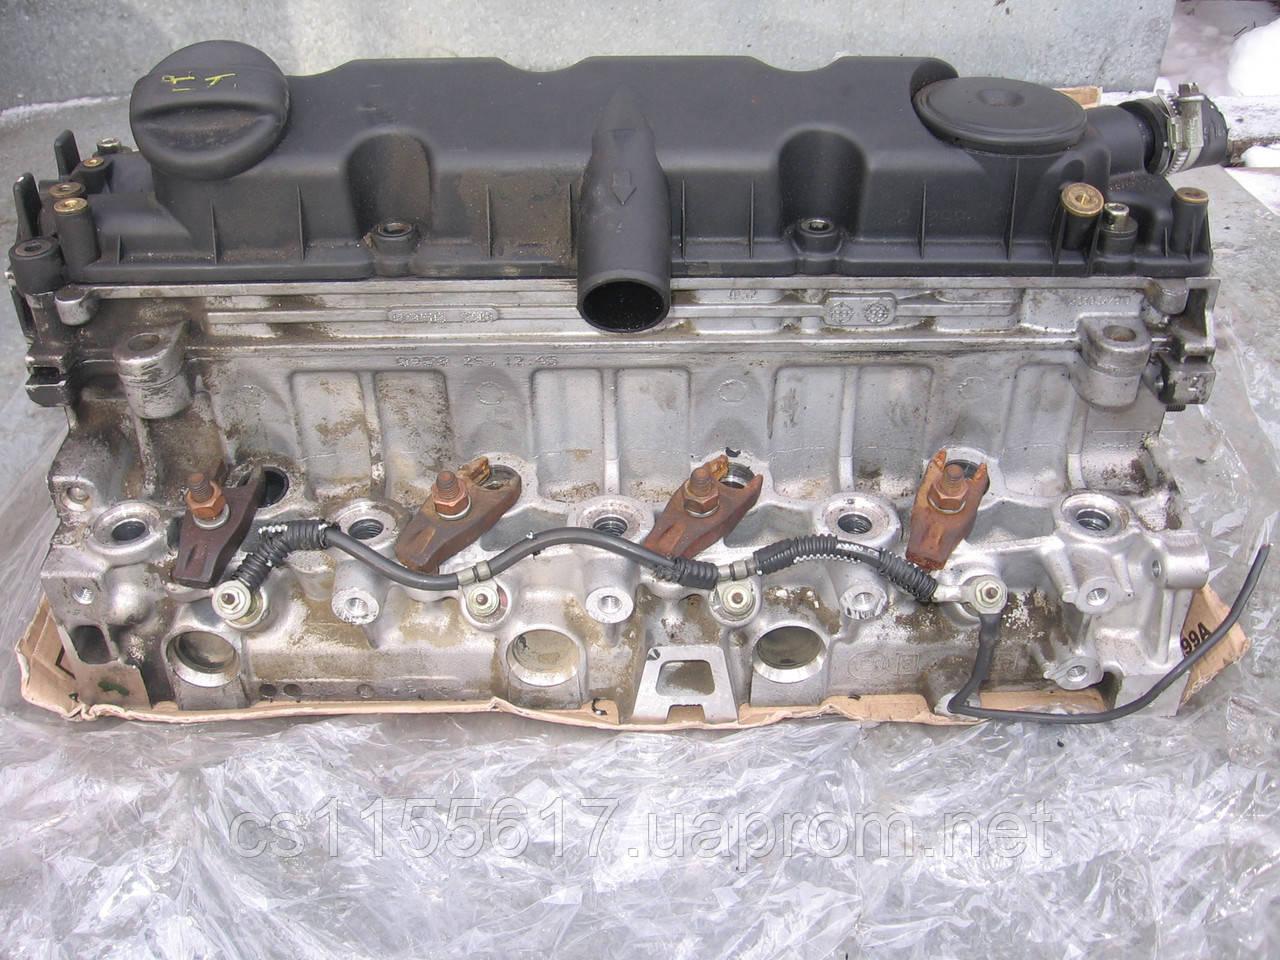 Головка блока цилиндров 9633750210 б/у 2.0JTD на FIAT: Ducato, Scudo, Ulysse; Lancia Zeta